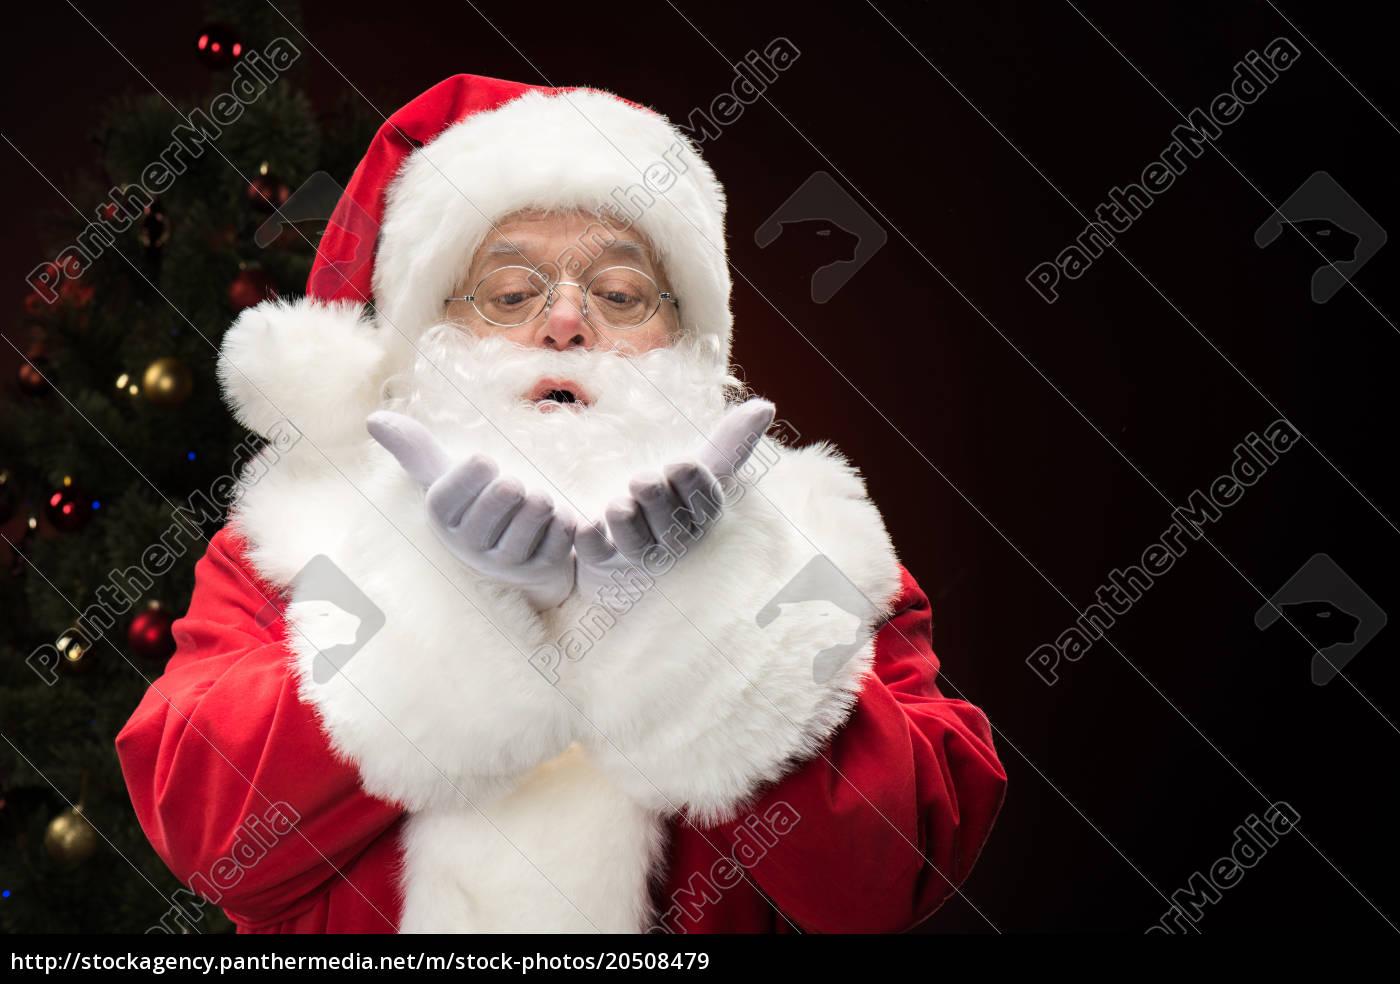 santa, claus, blowing, snowflakes - 20508479